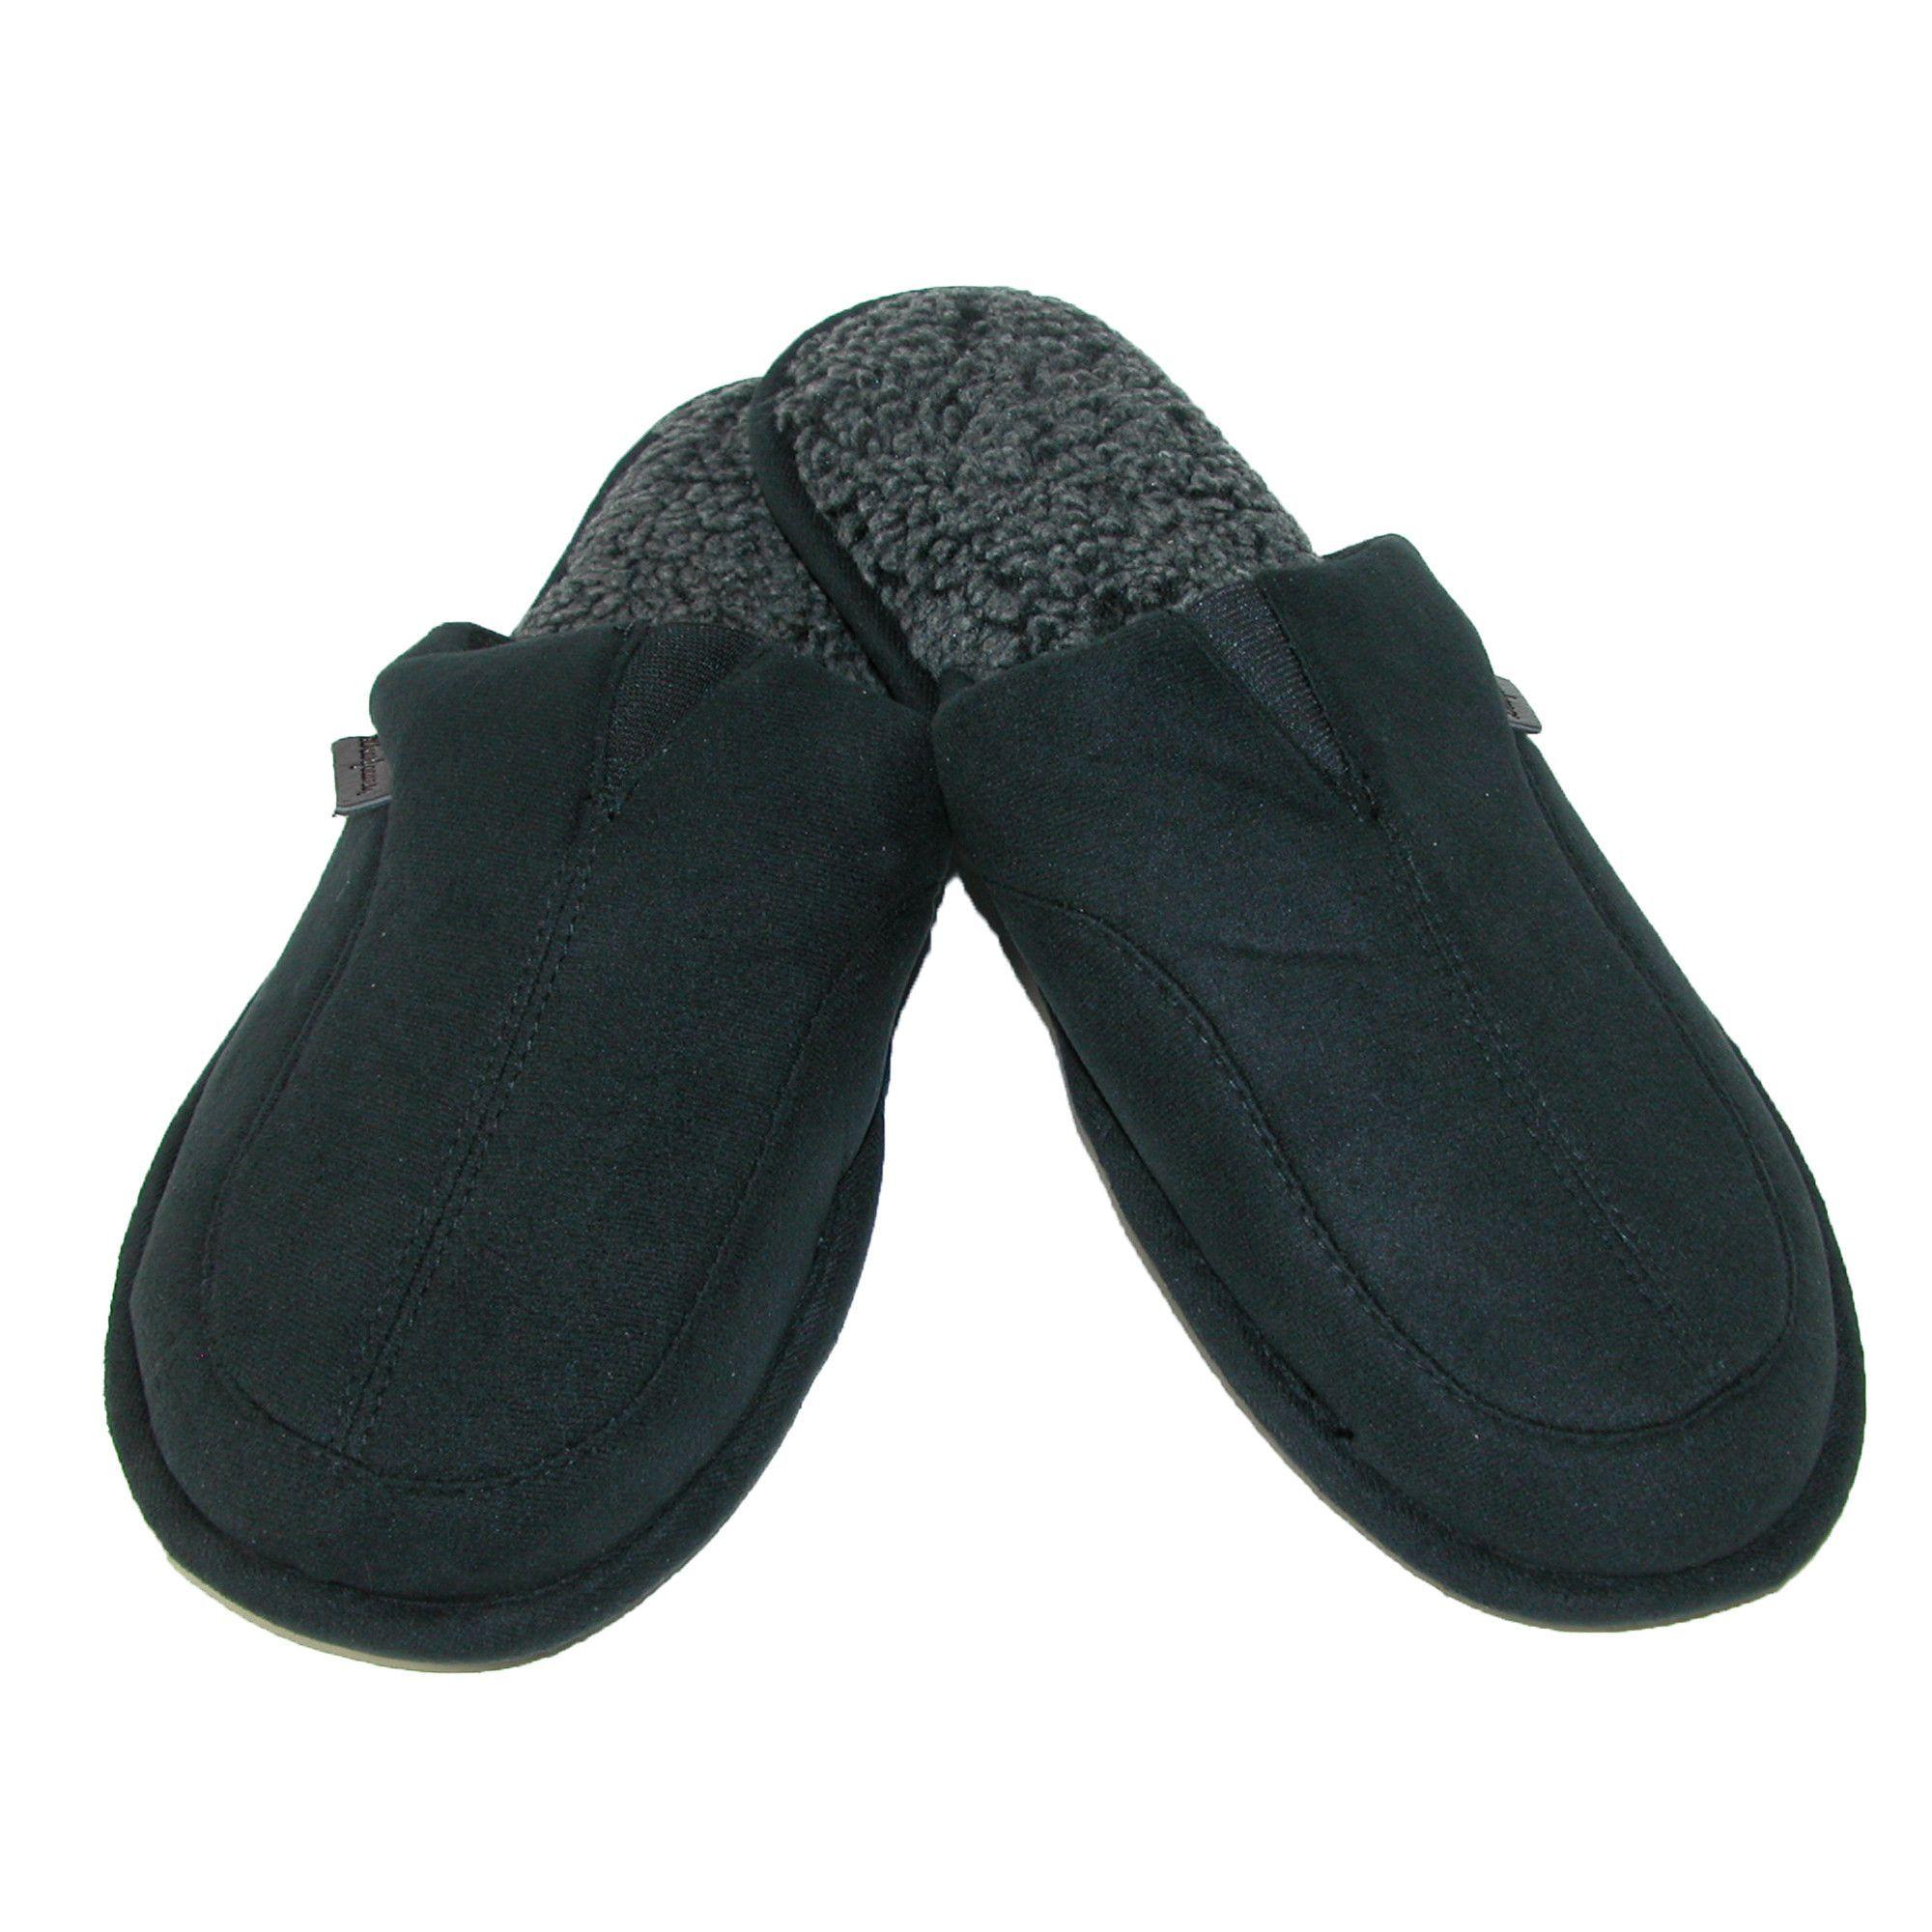 Dearfoams Men's Scuff Slippers with Memory Foam